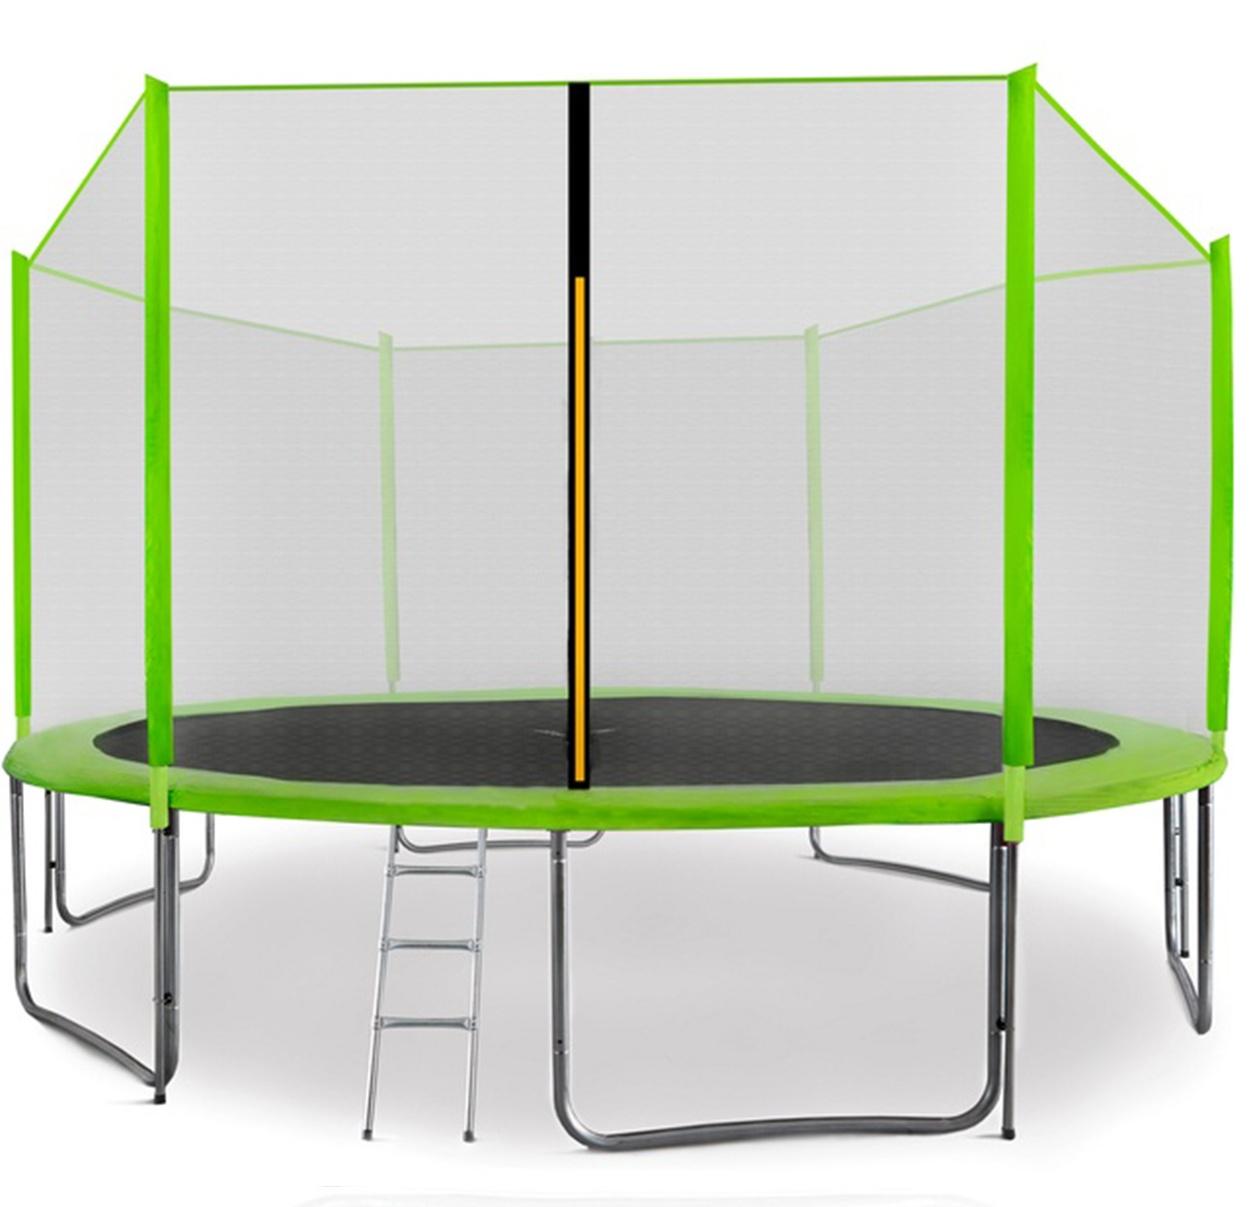 Aga SPORT PRO Trampolína 400 cm Light Green + ochranná síť  + žebřík + kapsa na obuv 2018